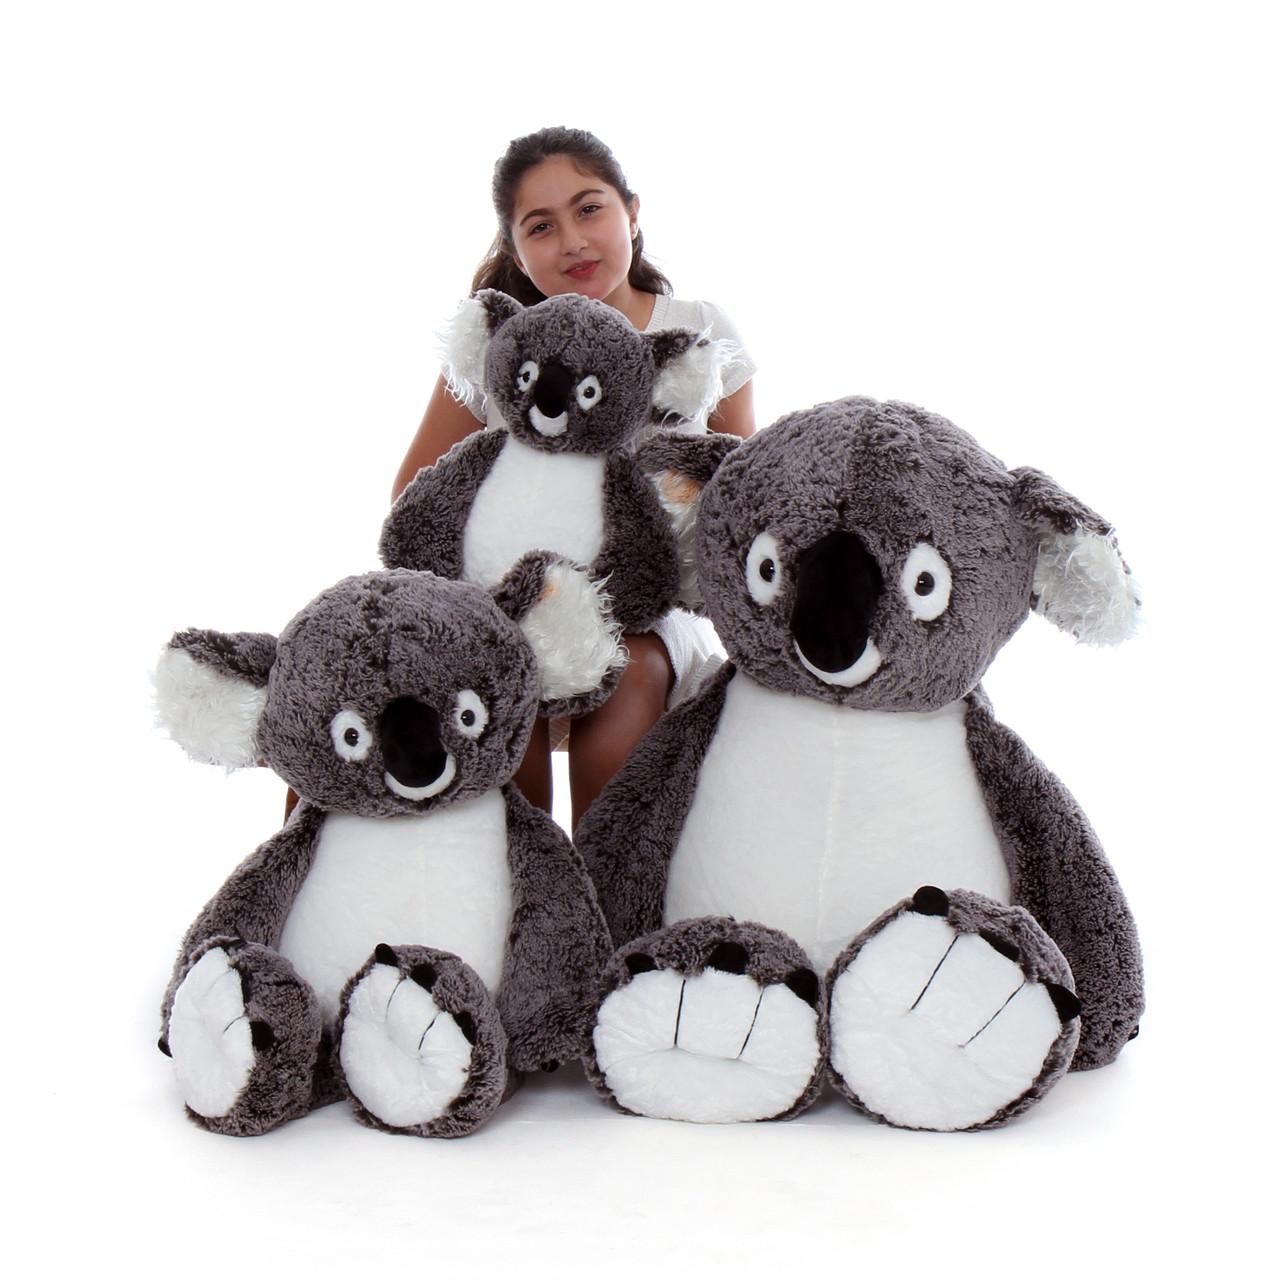 Giant Teddy Stuffed Koalas